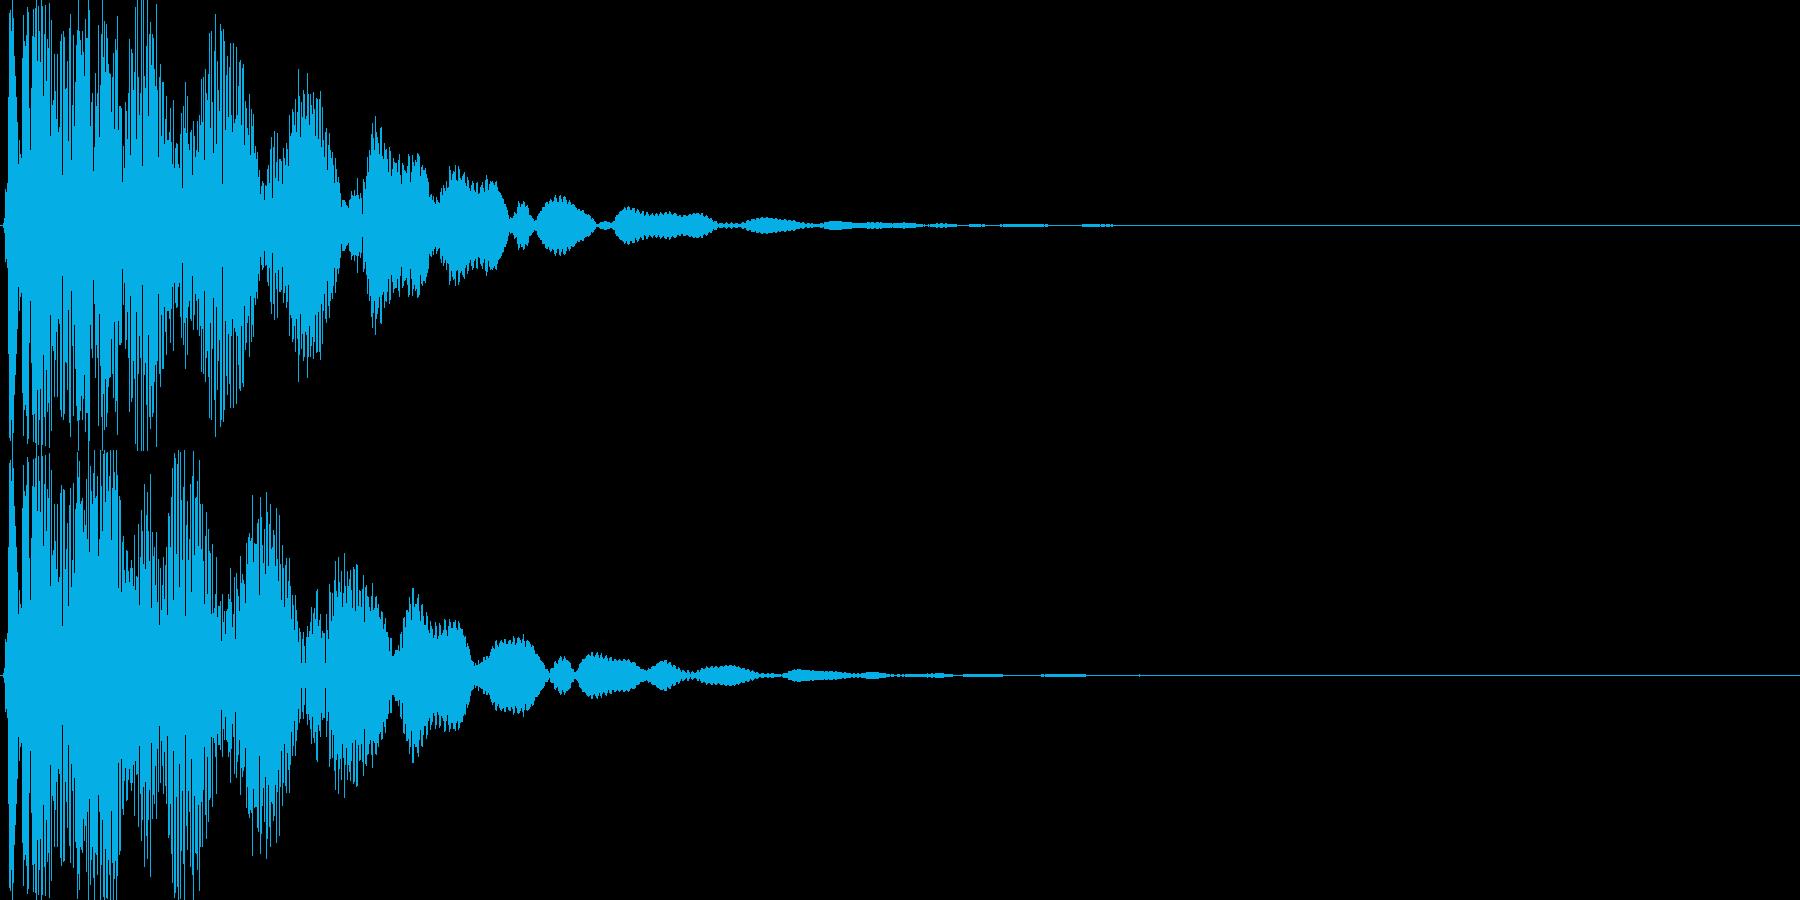 ゲーム(アイテム入手、決定音)などの再生済みの波形